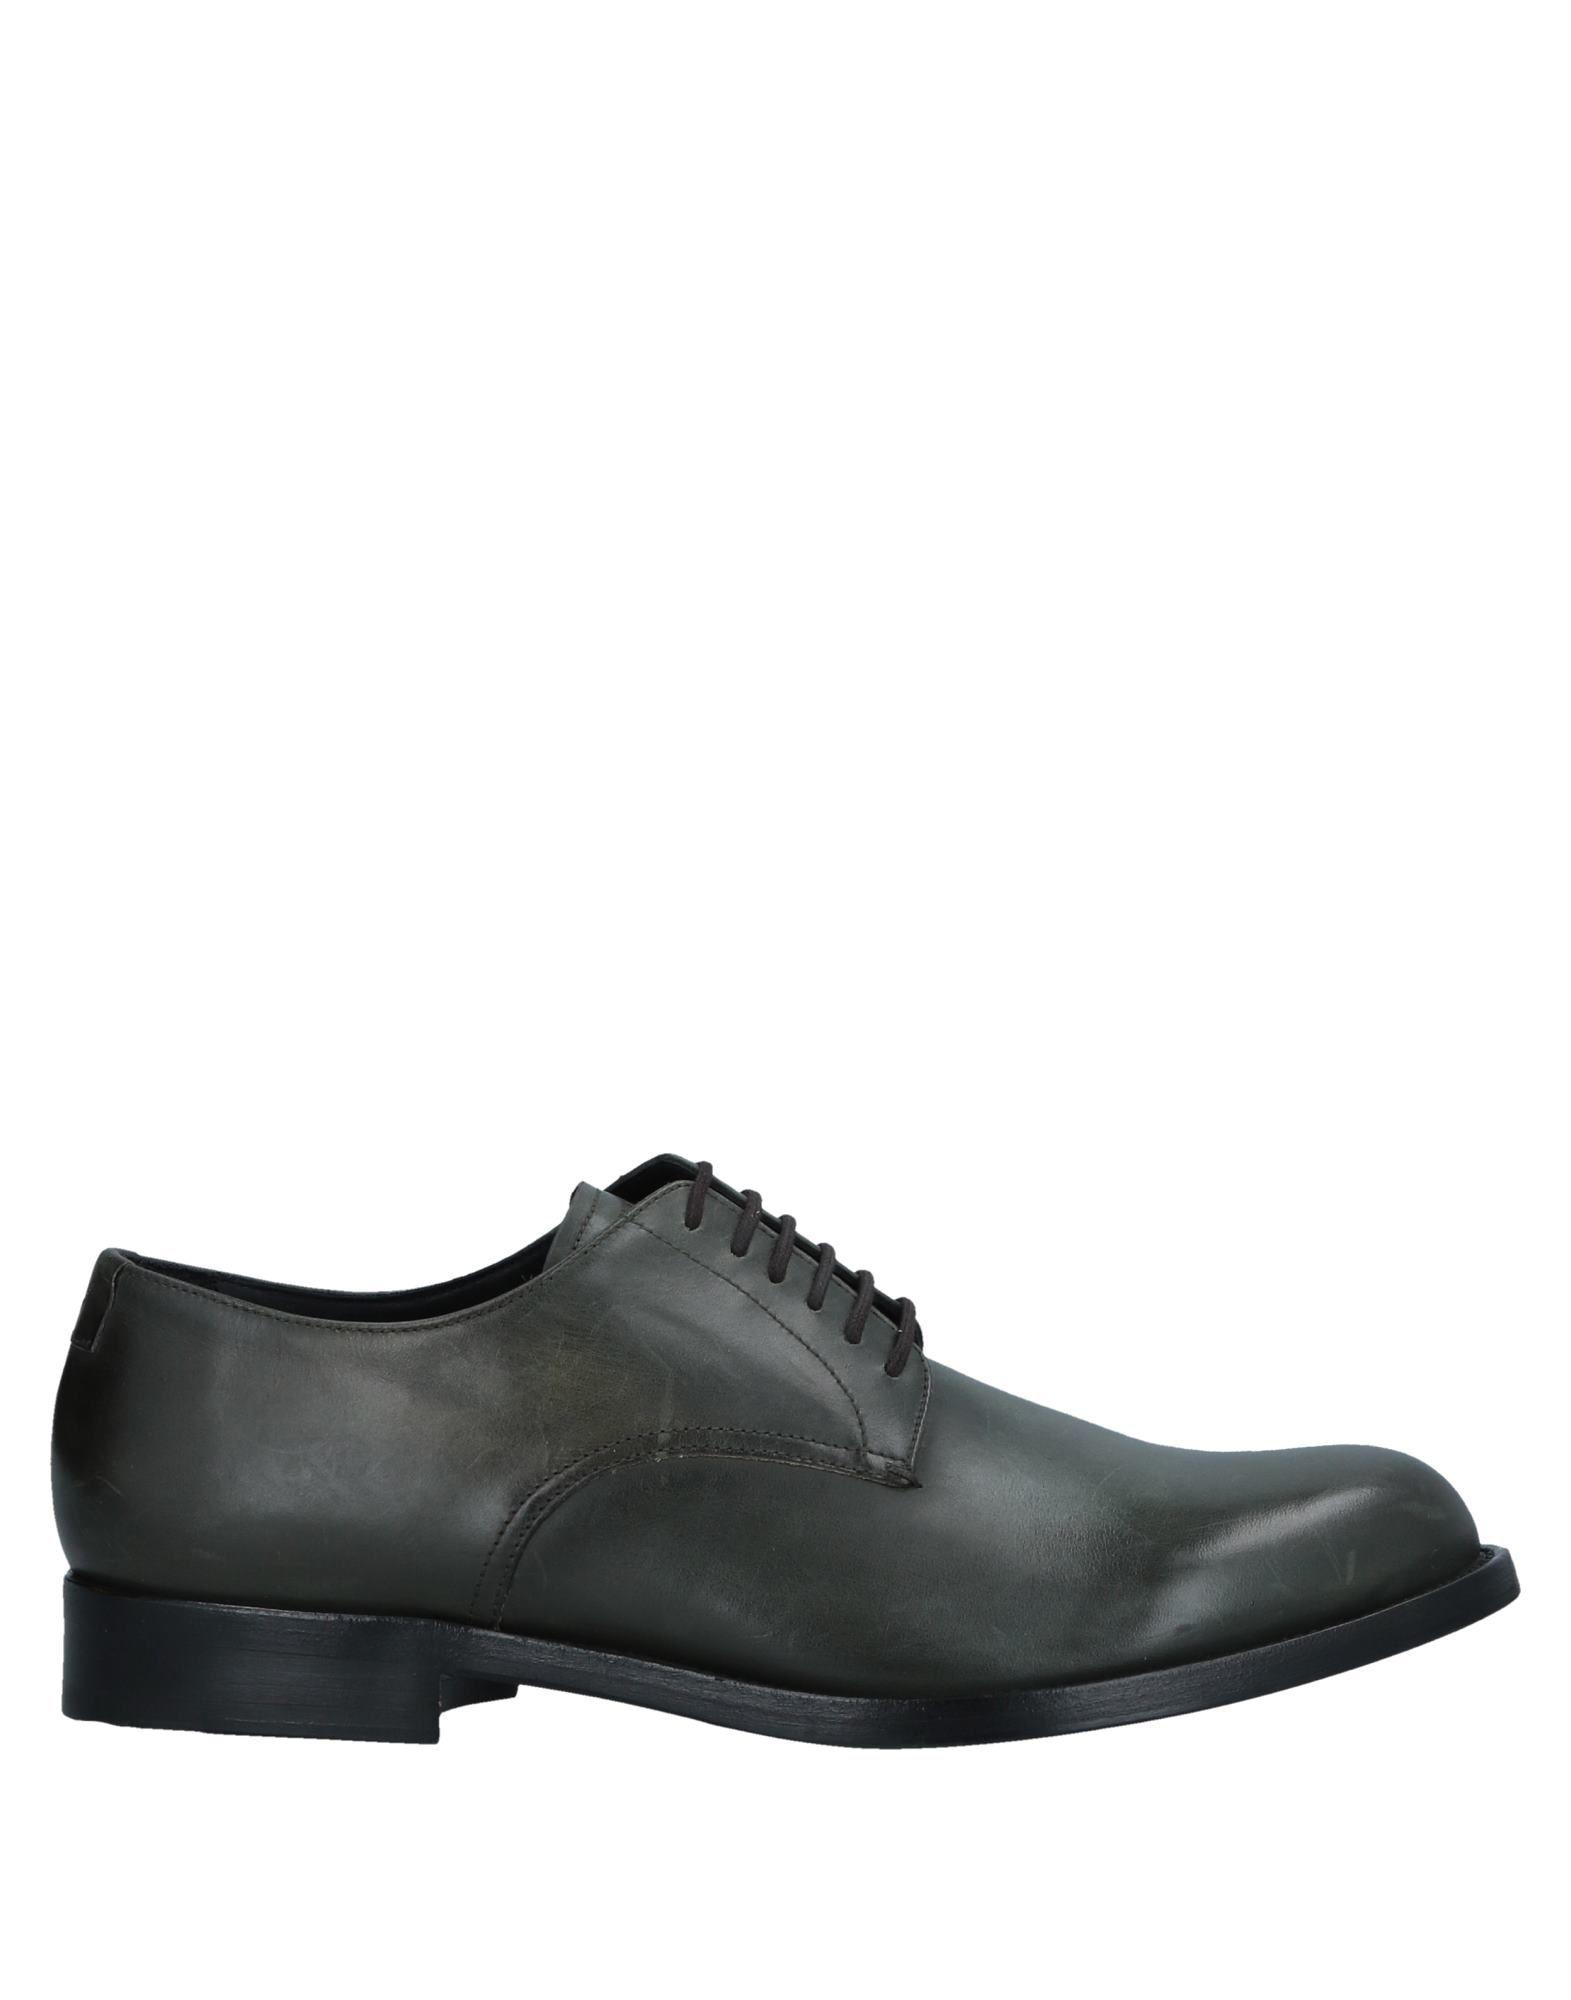 Sneakers Pony Donna - 11252584CS Scarpe economiche e buone